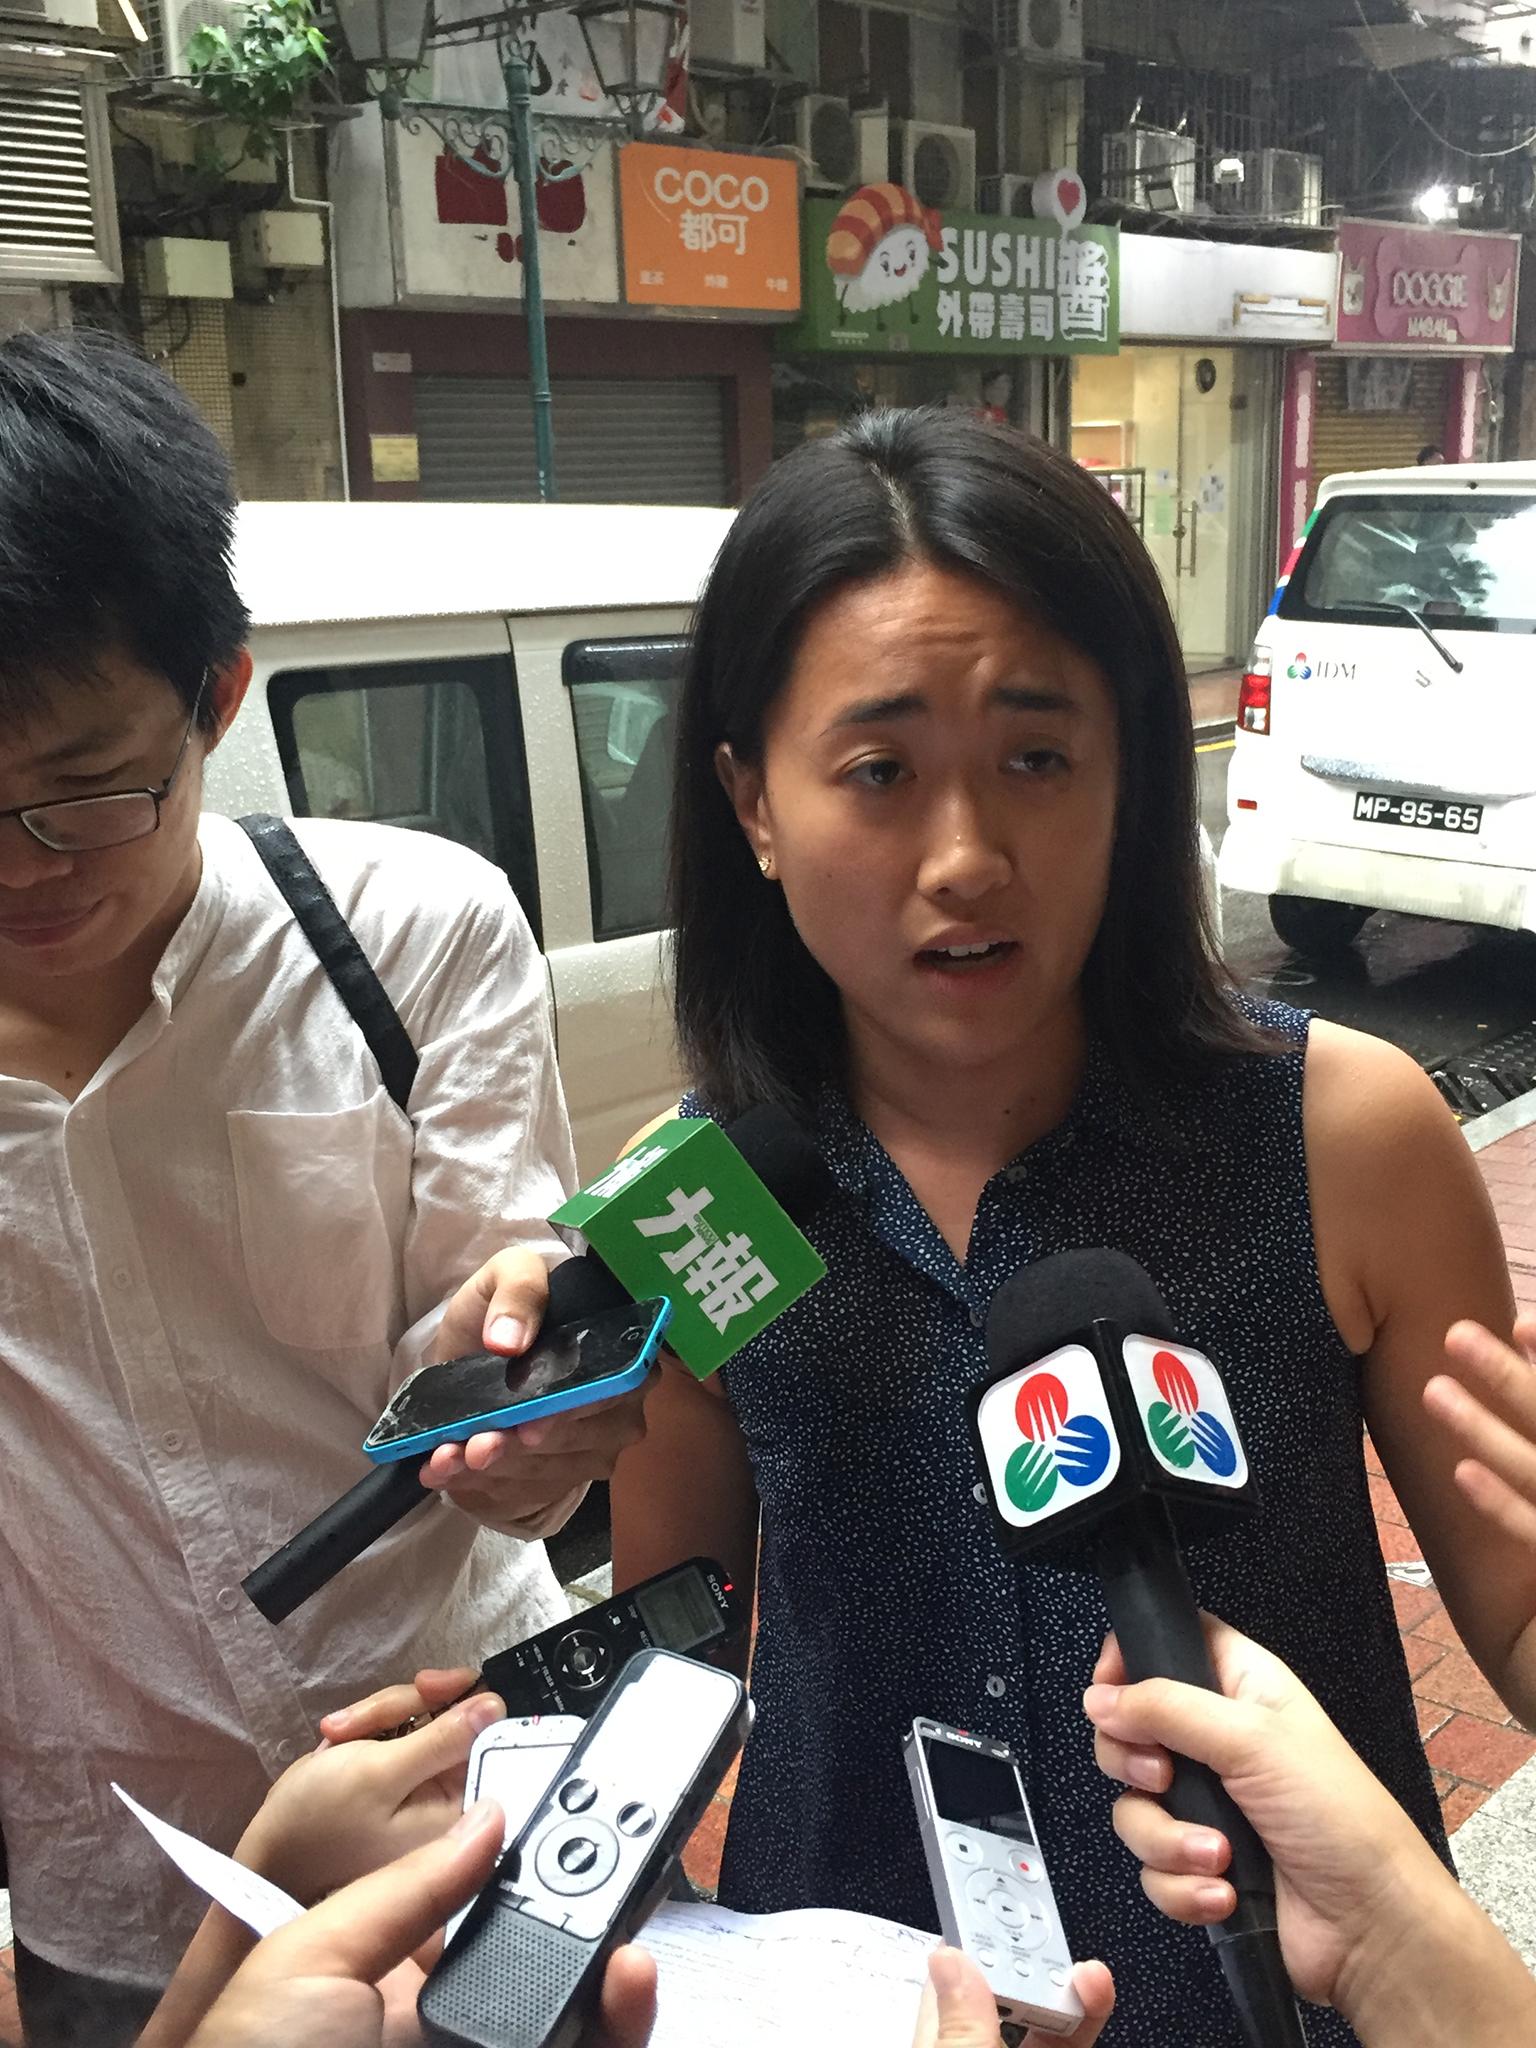 Poluição |Entregue petição com 4.700 assinaturas contra plástico descartável